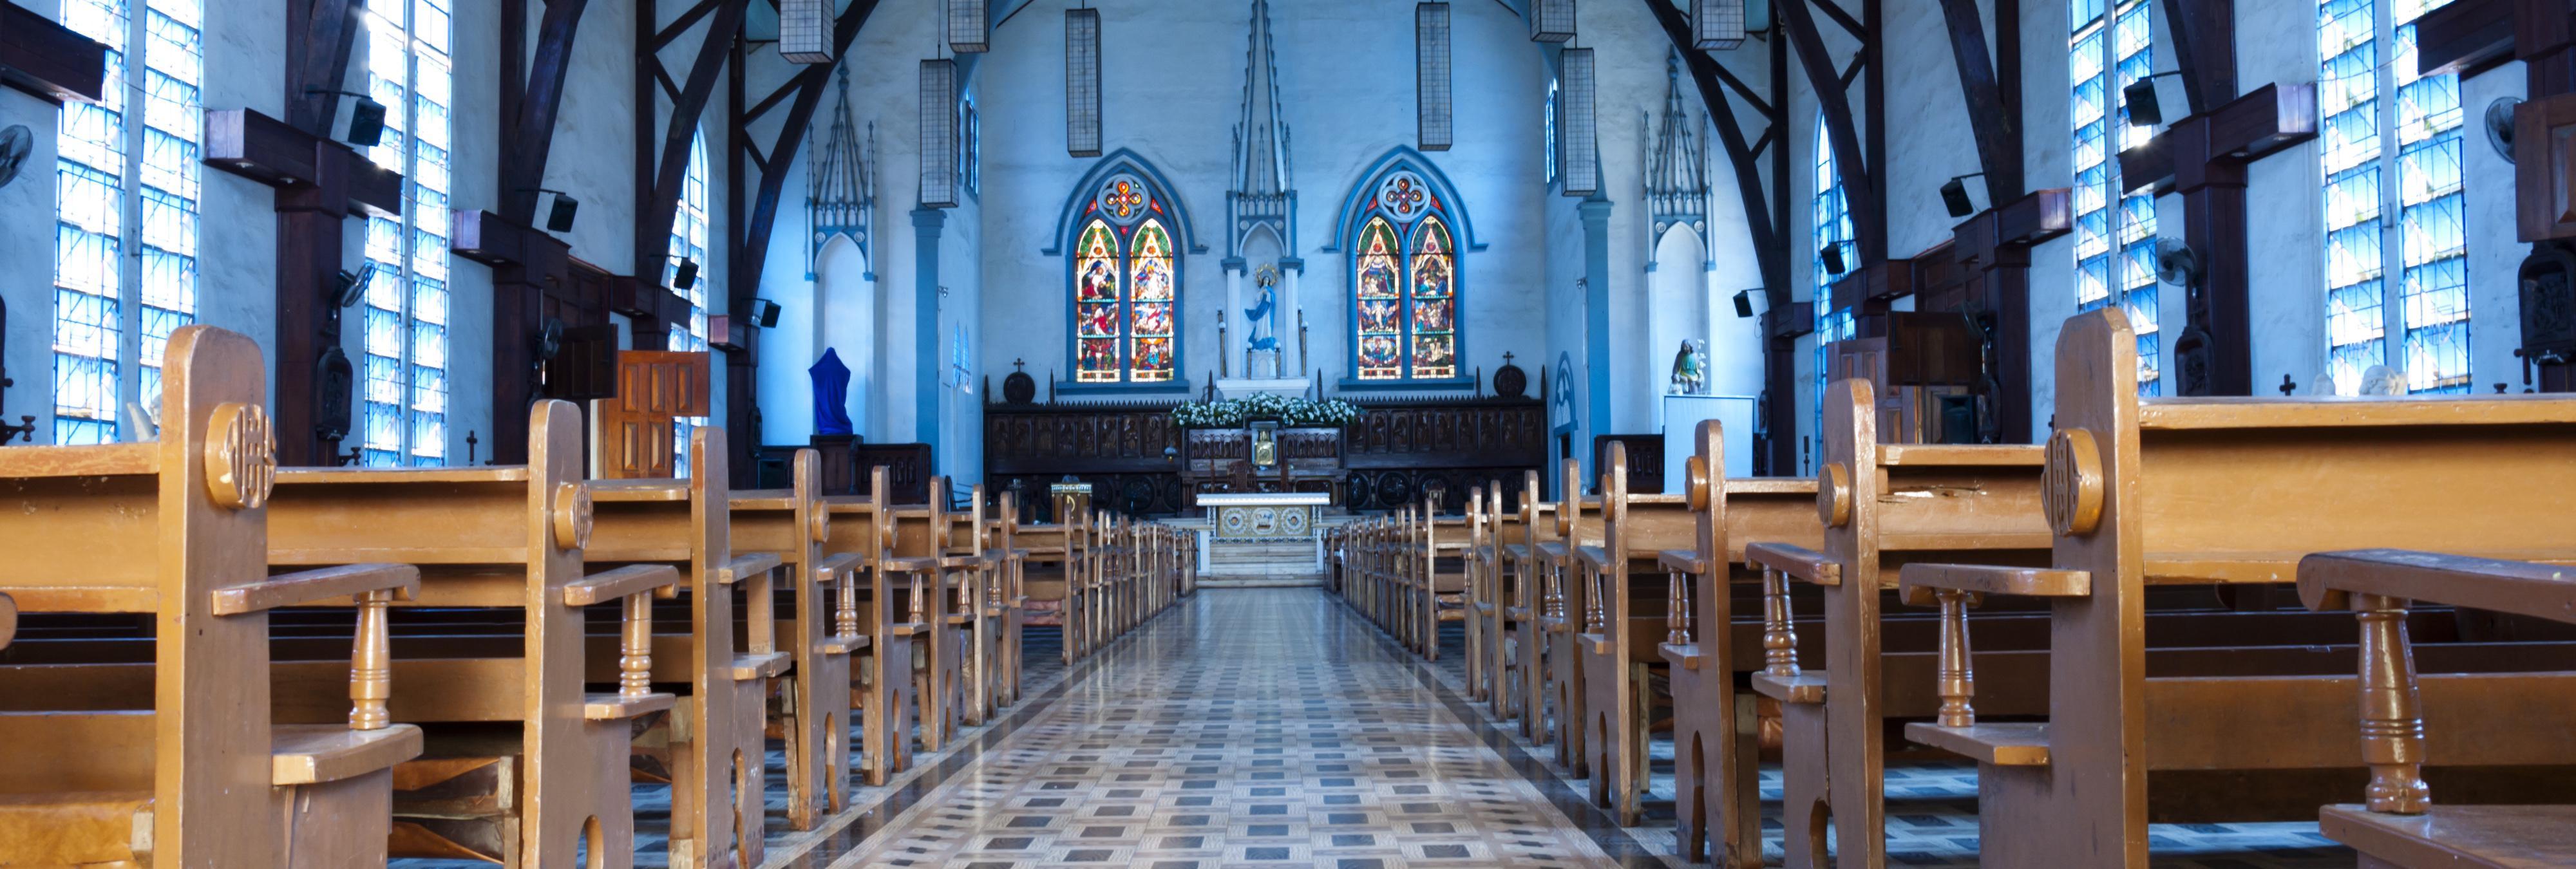 Un sacerdote católico acusado de proxenetismo y de organizar orgías en la iglesia